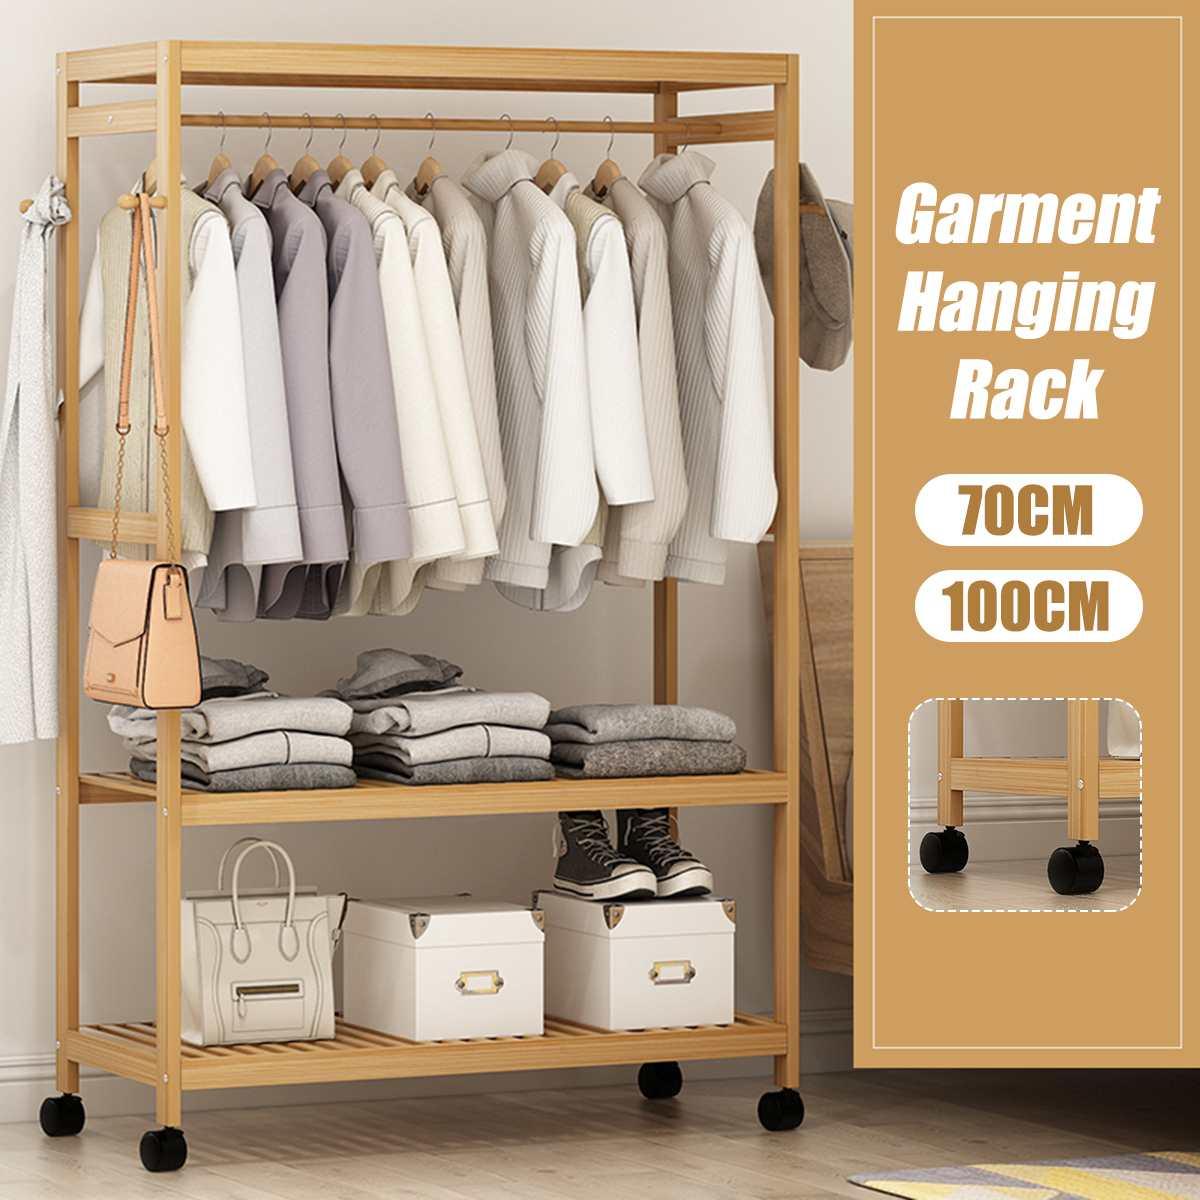 Bamboo Coat Rack Floor Standing Clothes Hanging Storage Shelf Clothes Hanger Racks Bedroom Furniture Garment Closet Rack + Wheel